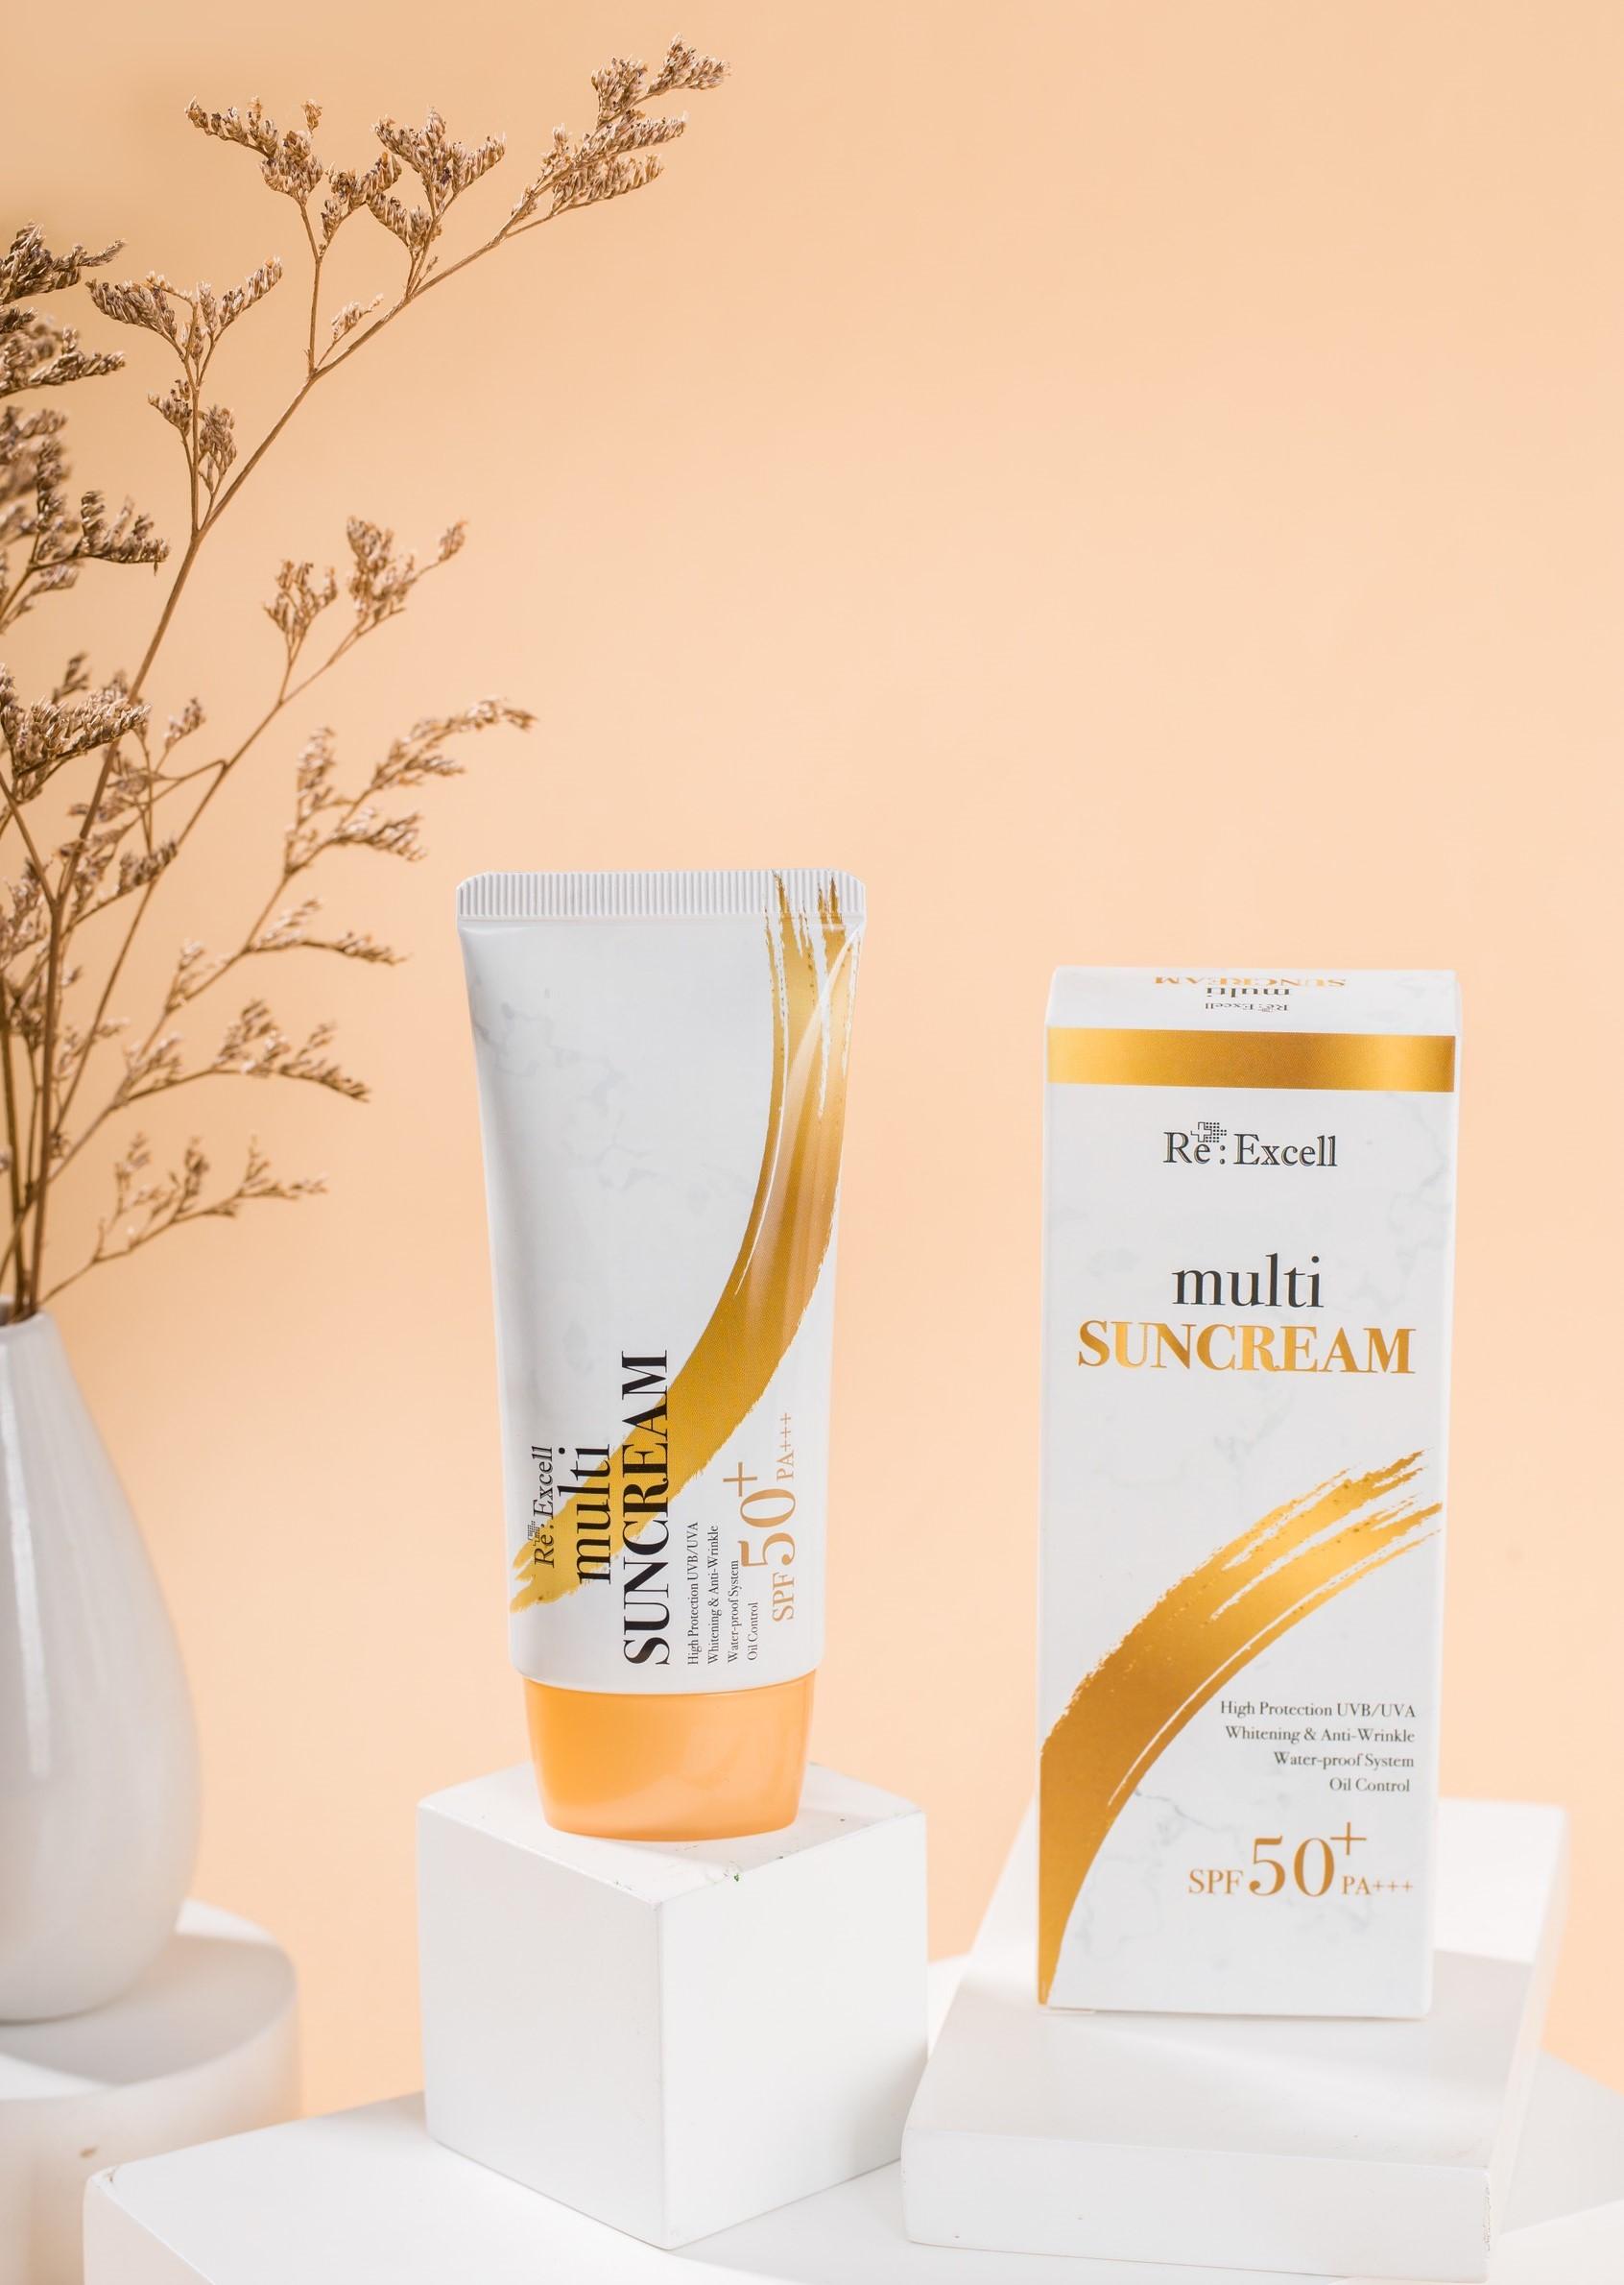 Kem Chống Nắng vật lý Re:Excell Multi Sun Cream SPF 50+/PA+++ R&B VN 50ml